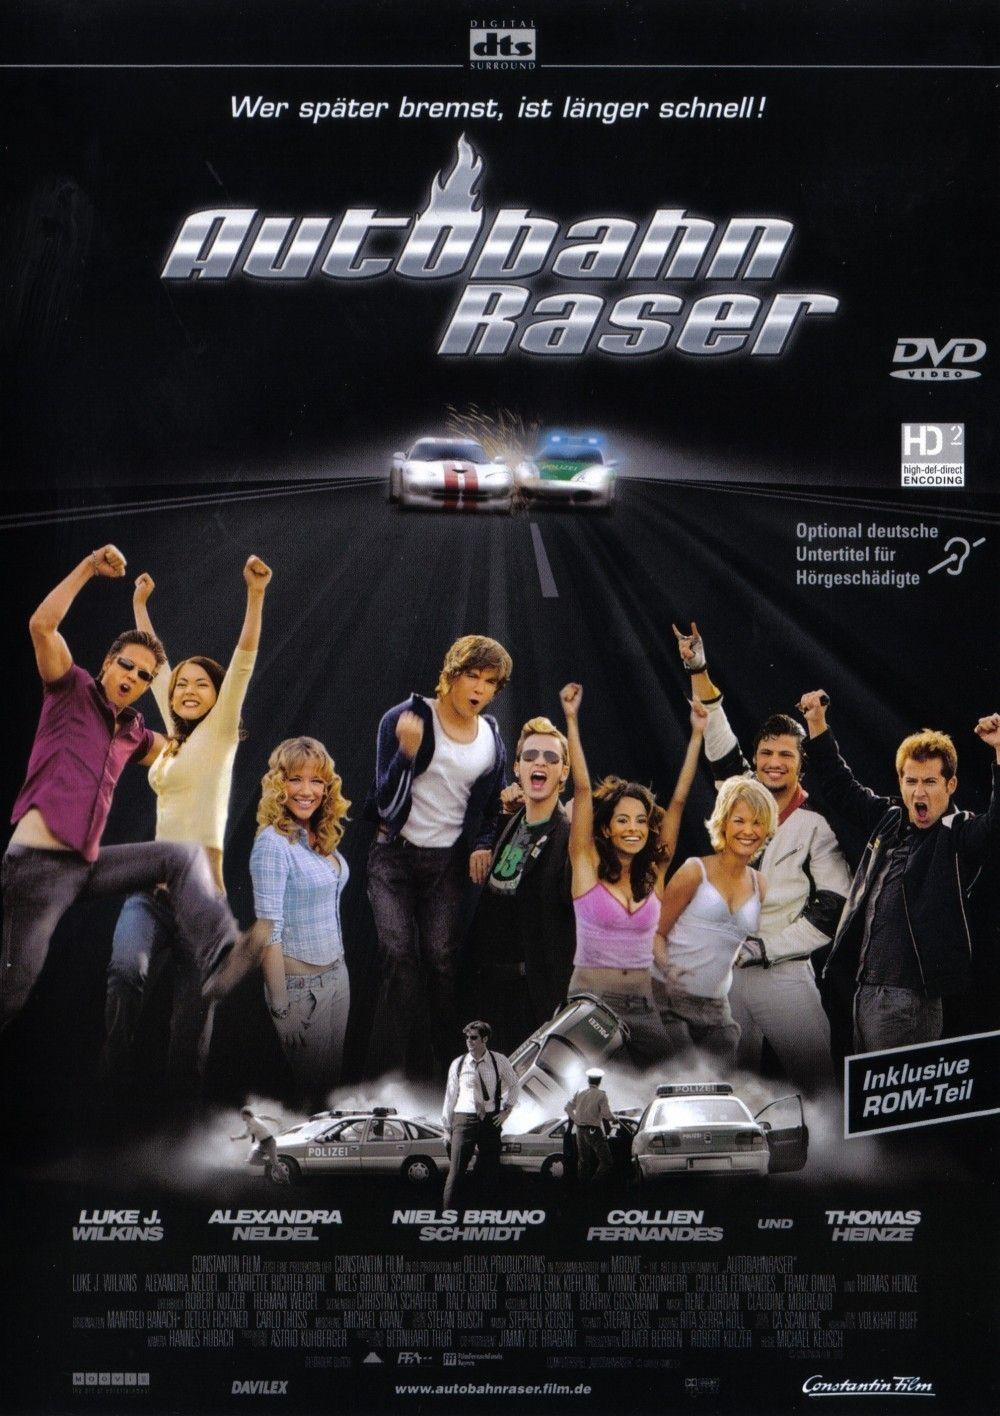 Autobahnraser (2004) | Michael KEUSCH